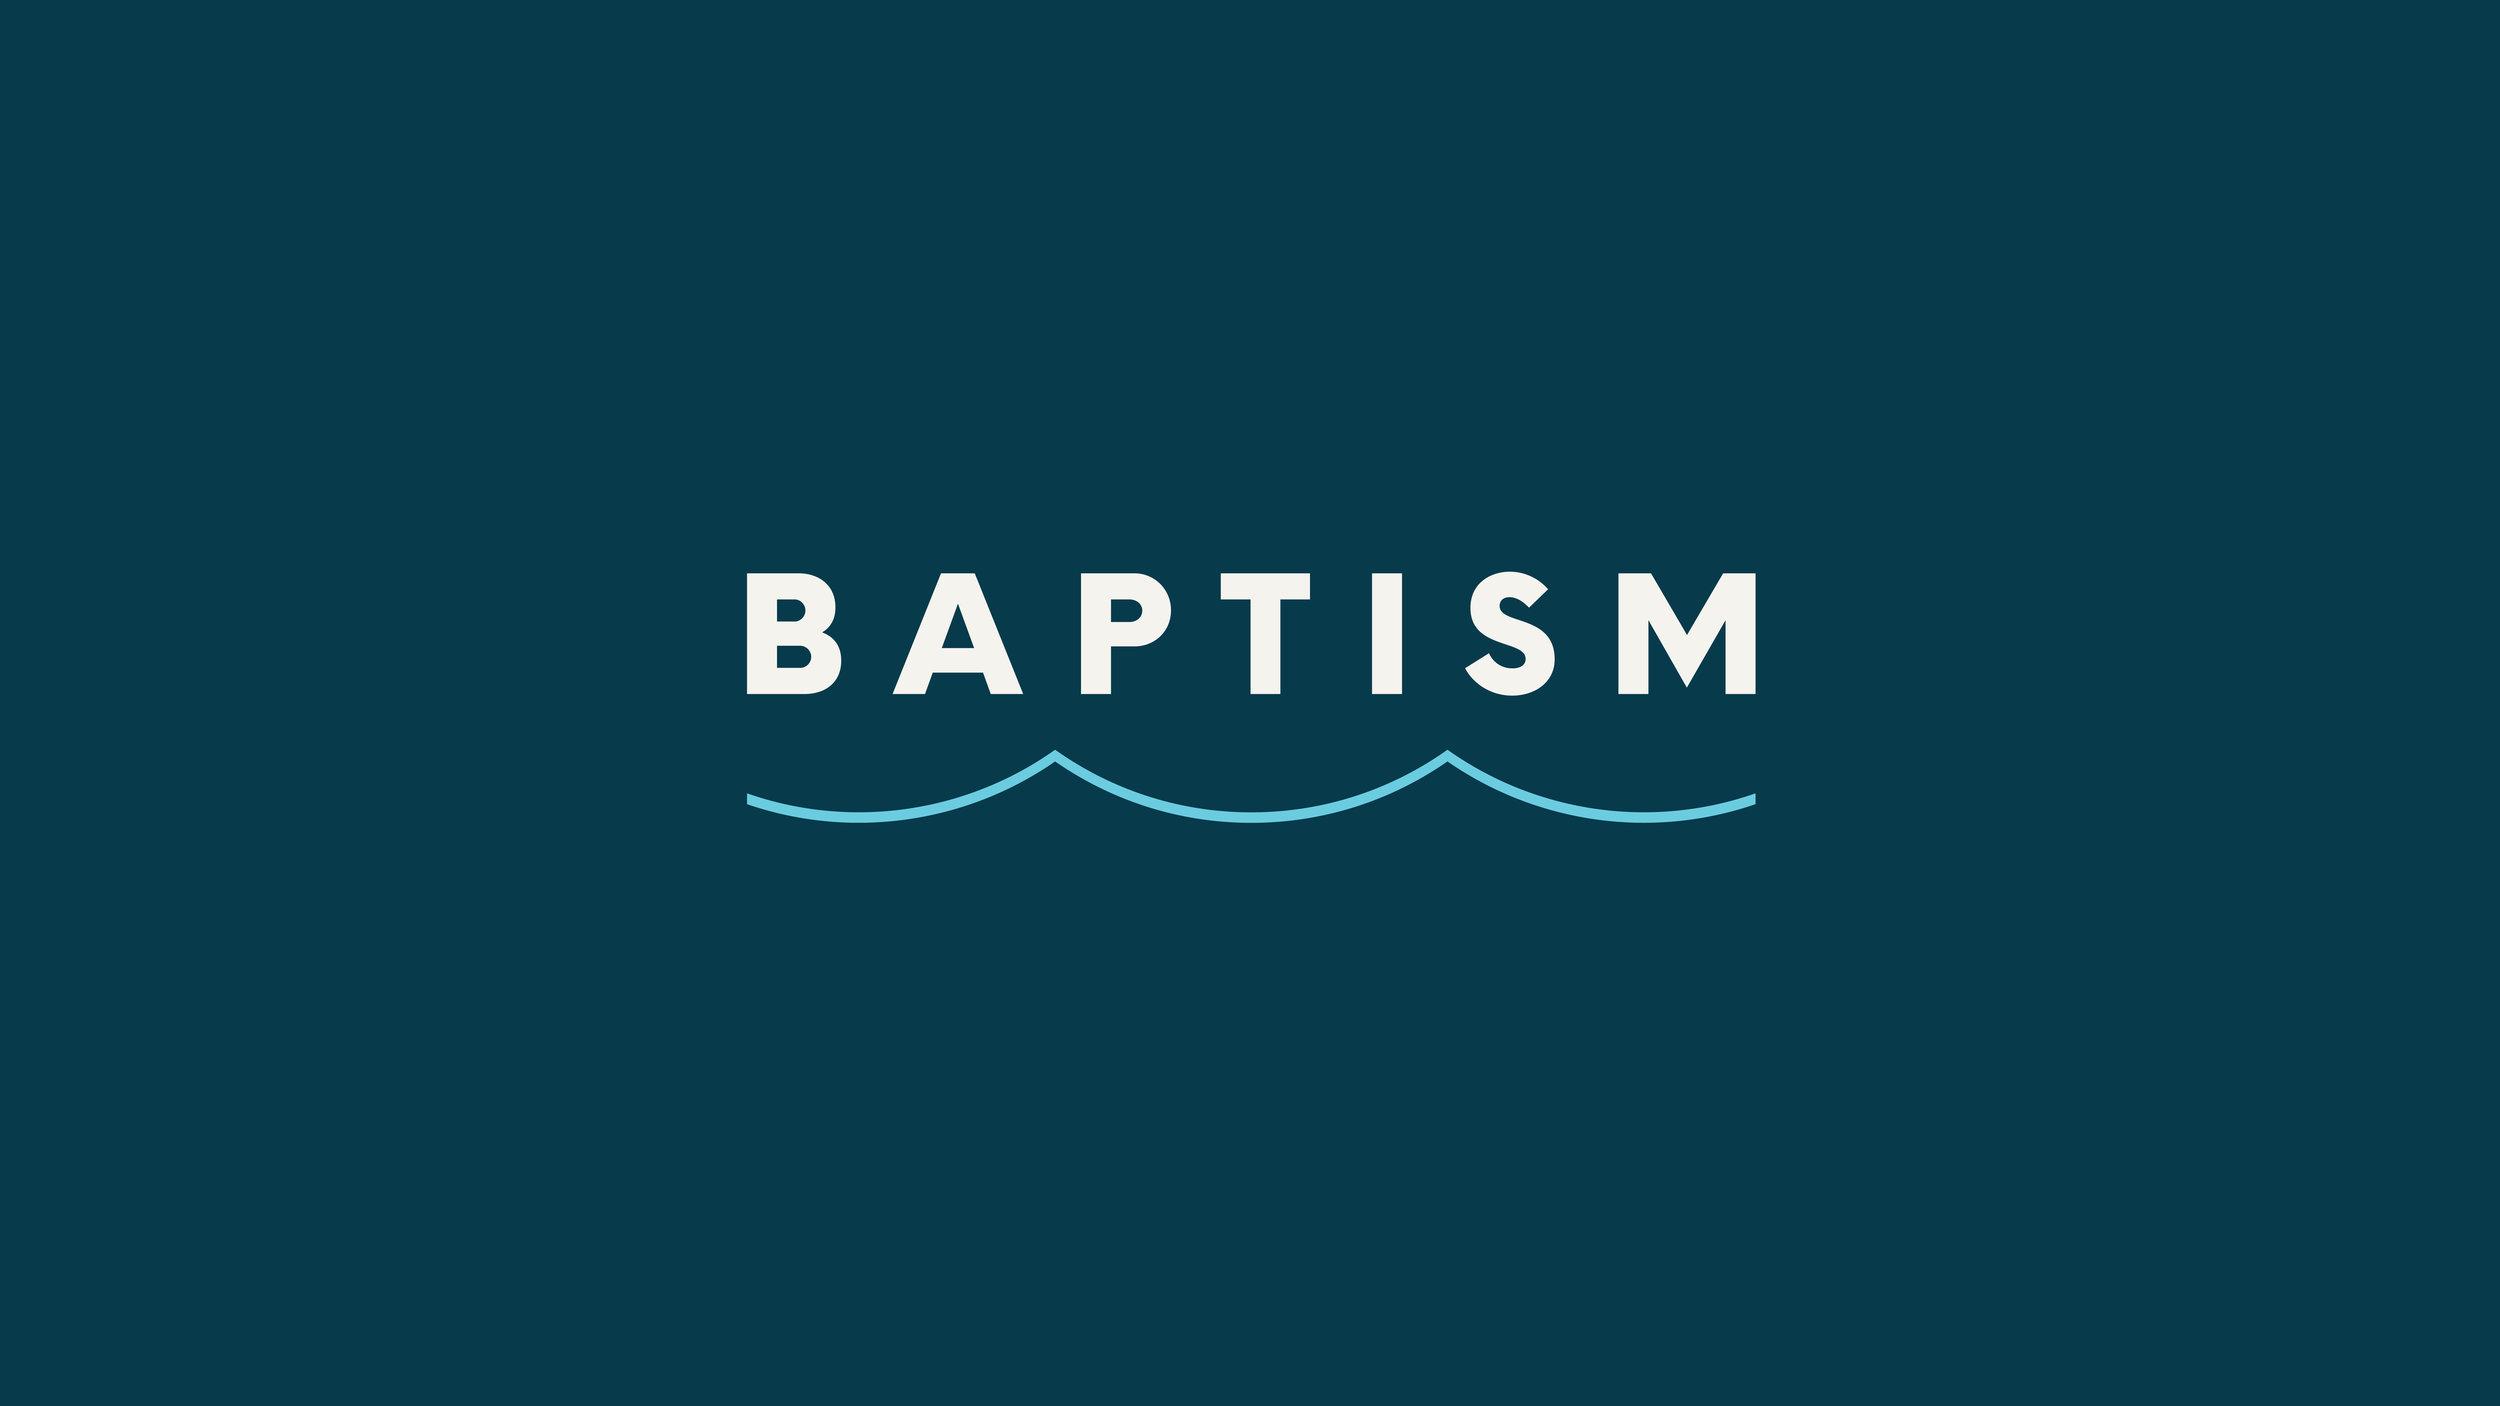 Baptism_Wide-01.jpg